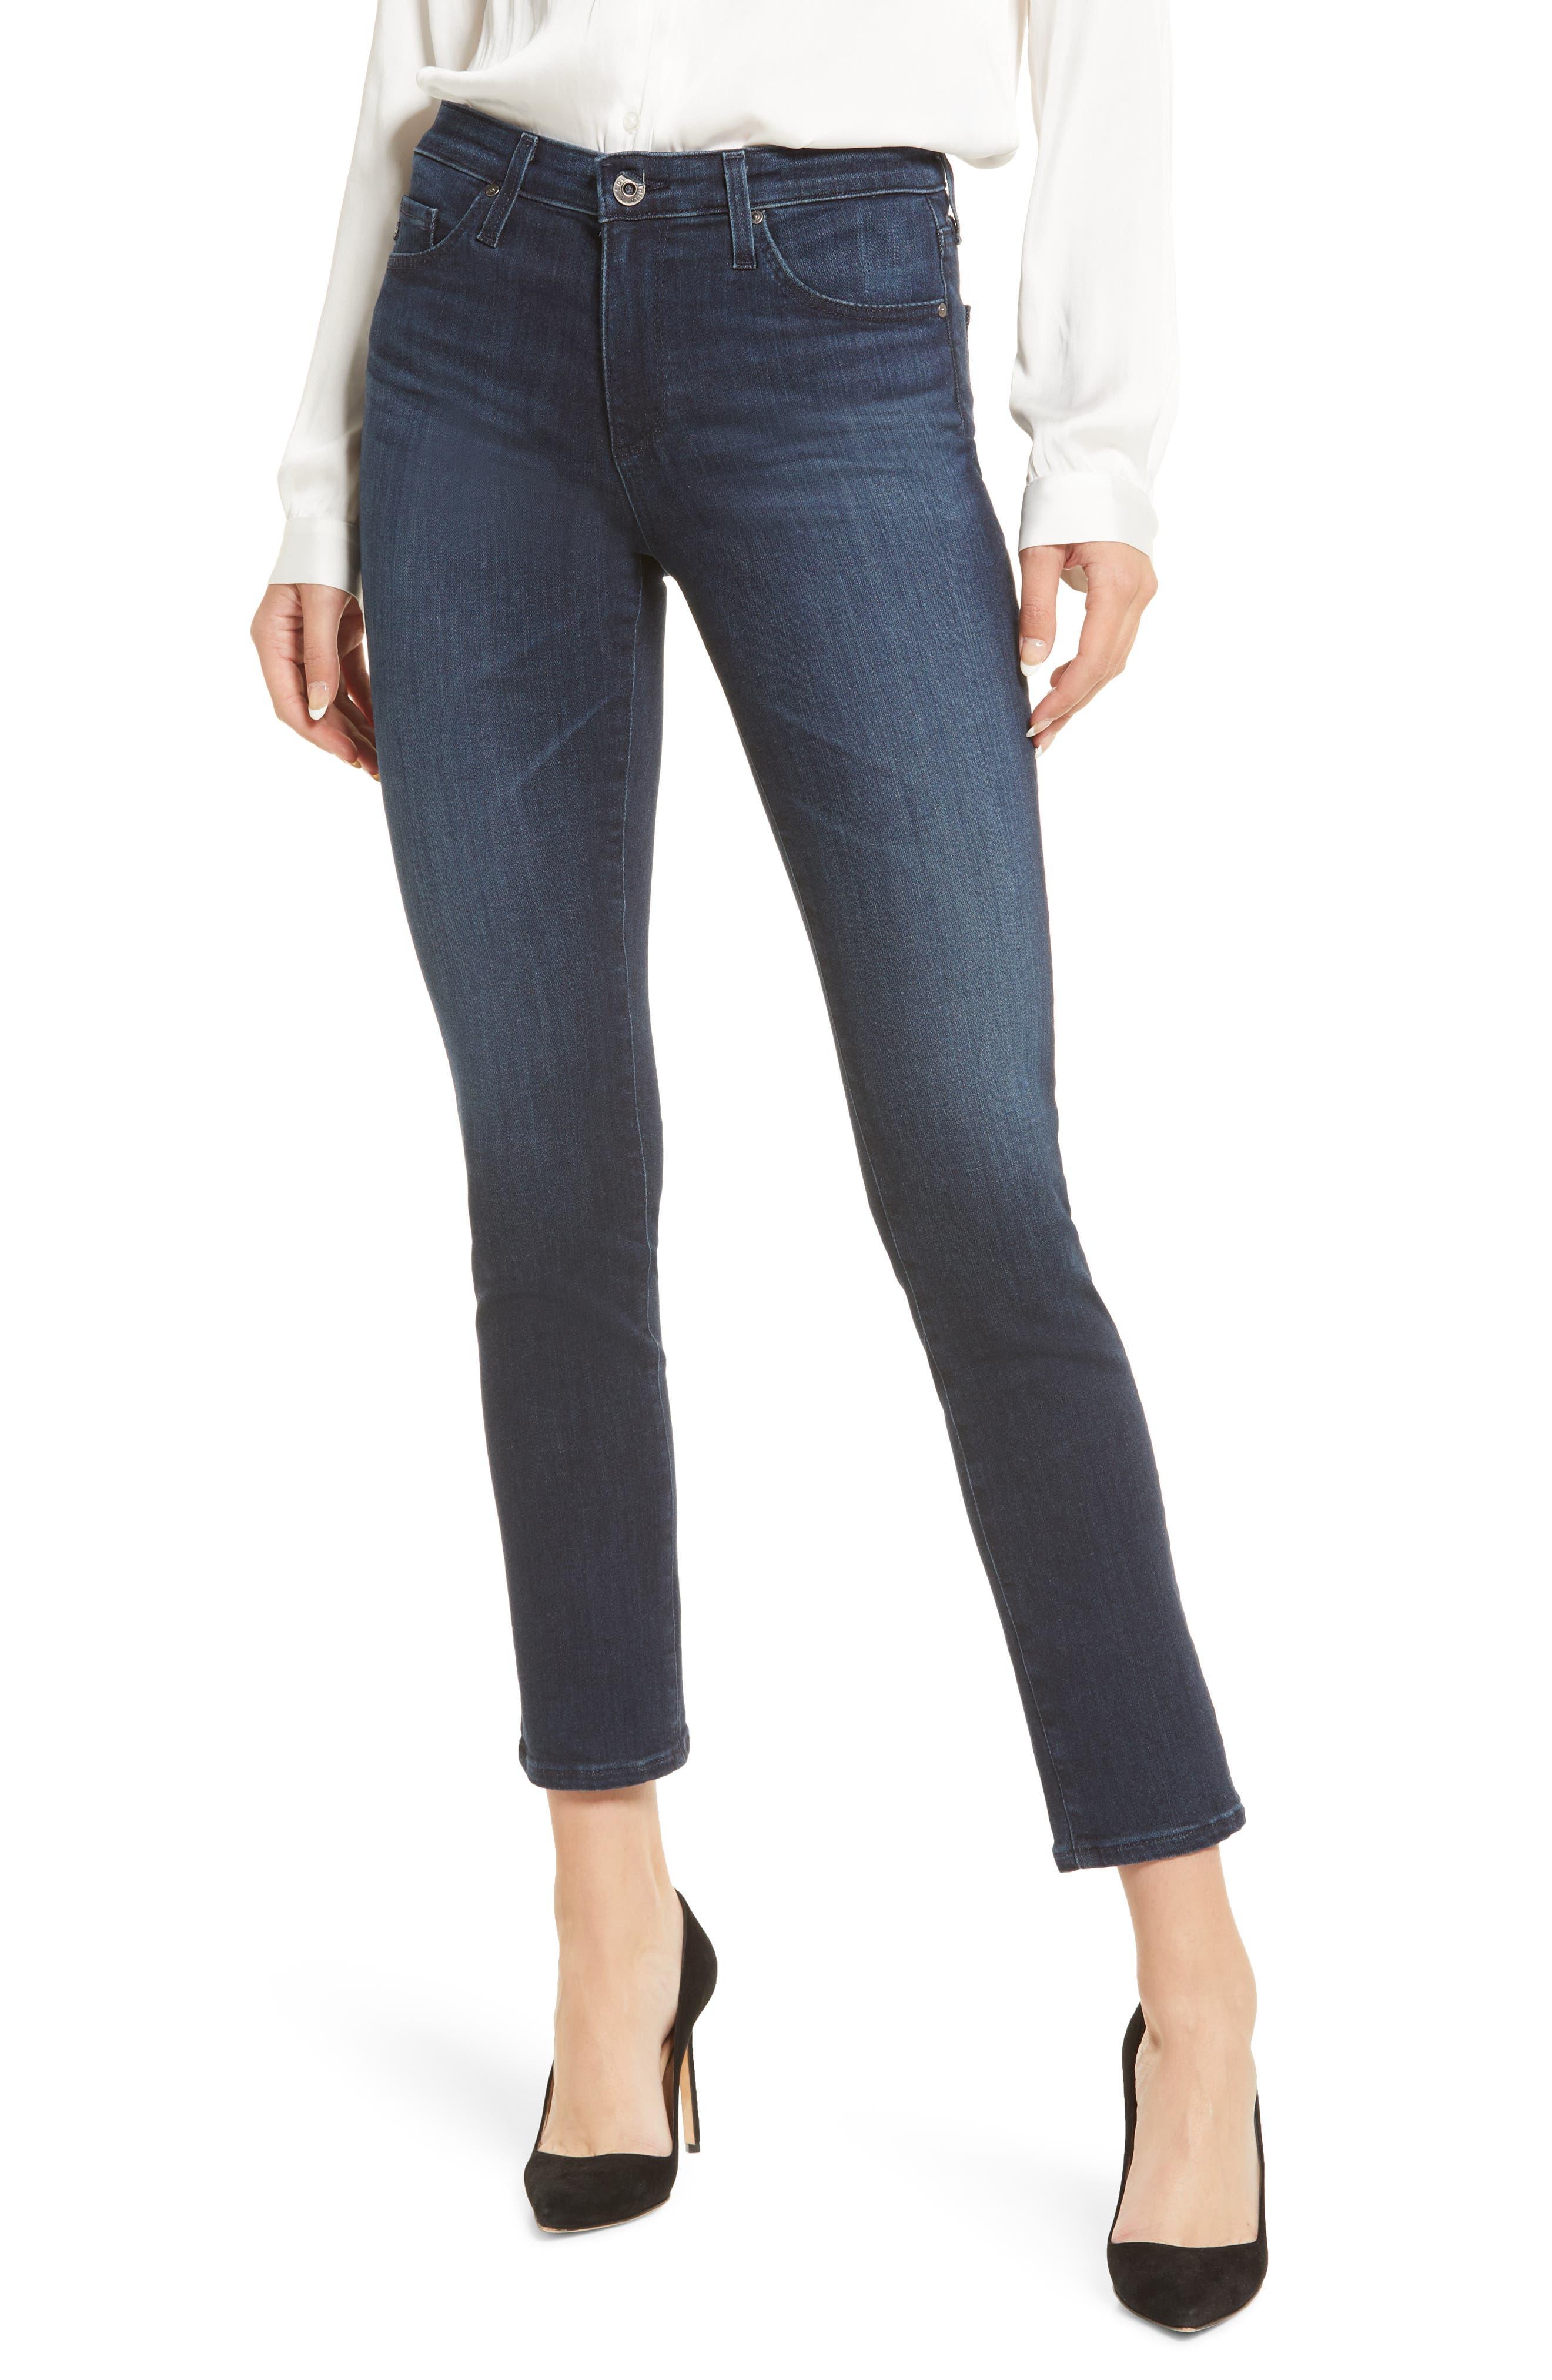 The Prima Ankle Cigarette Jeans